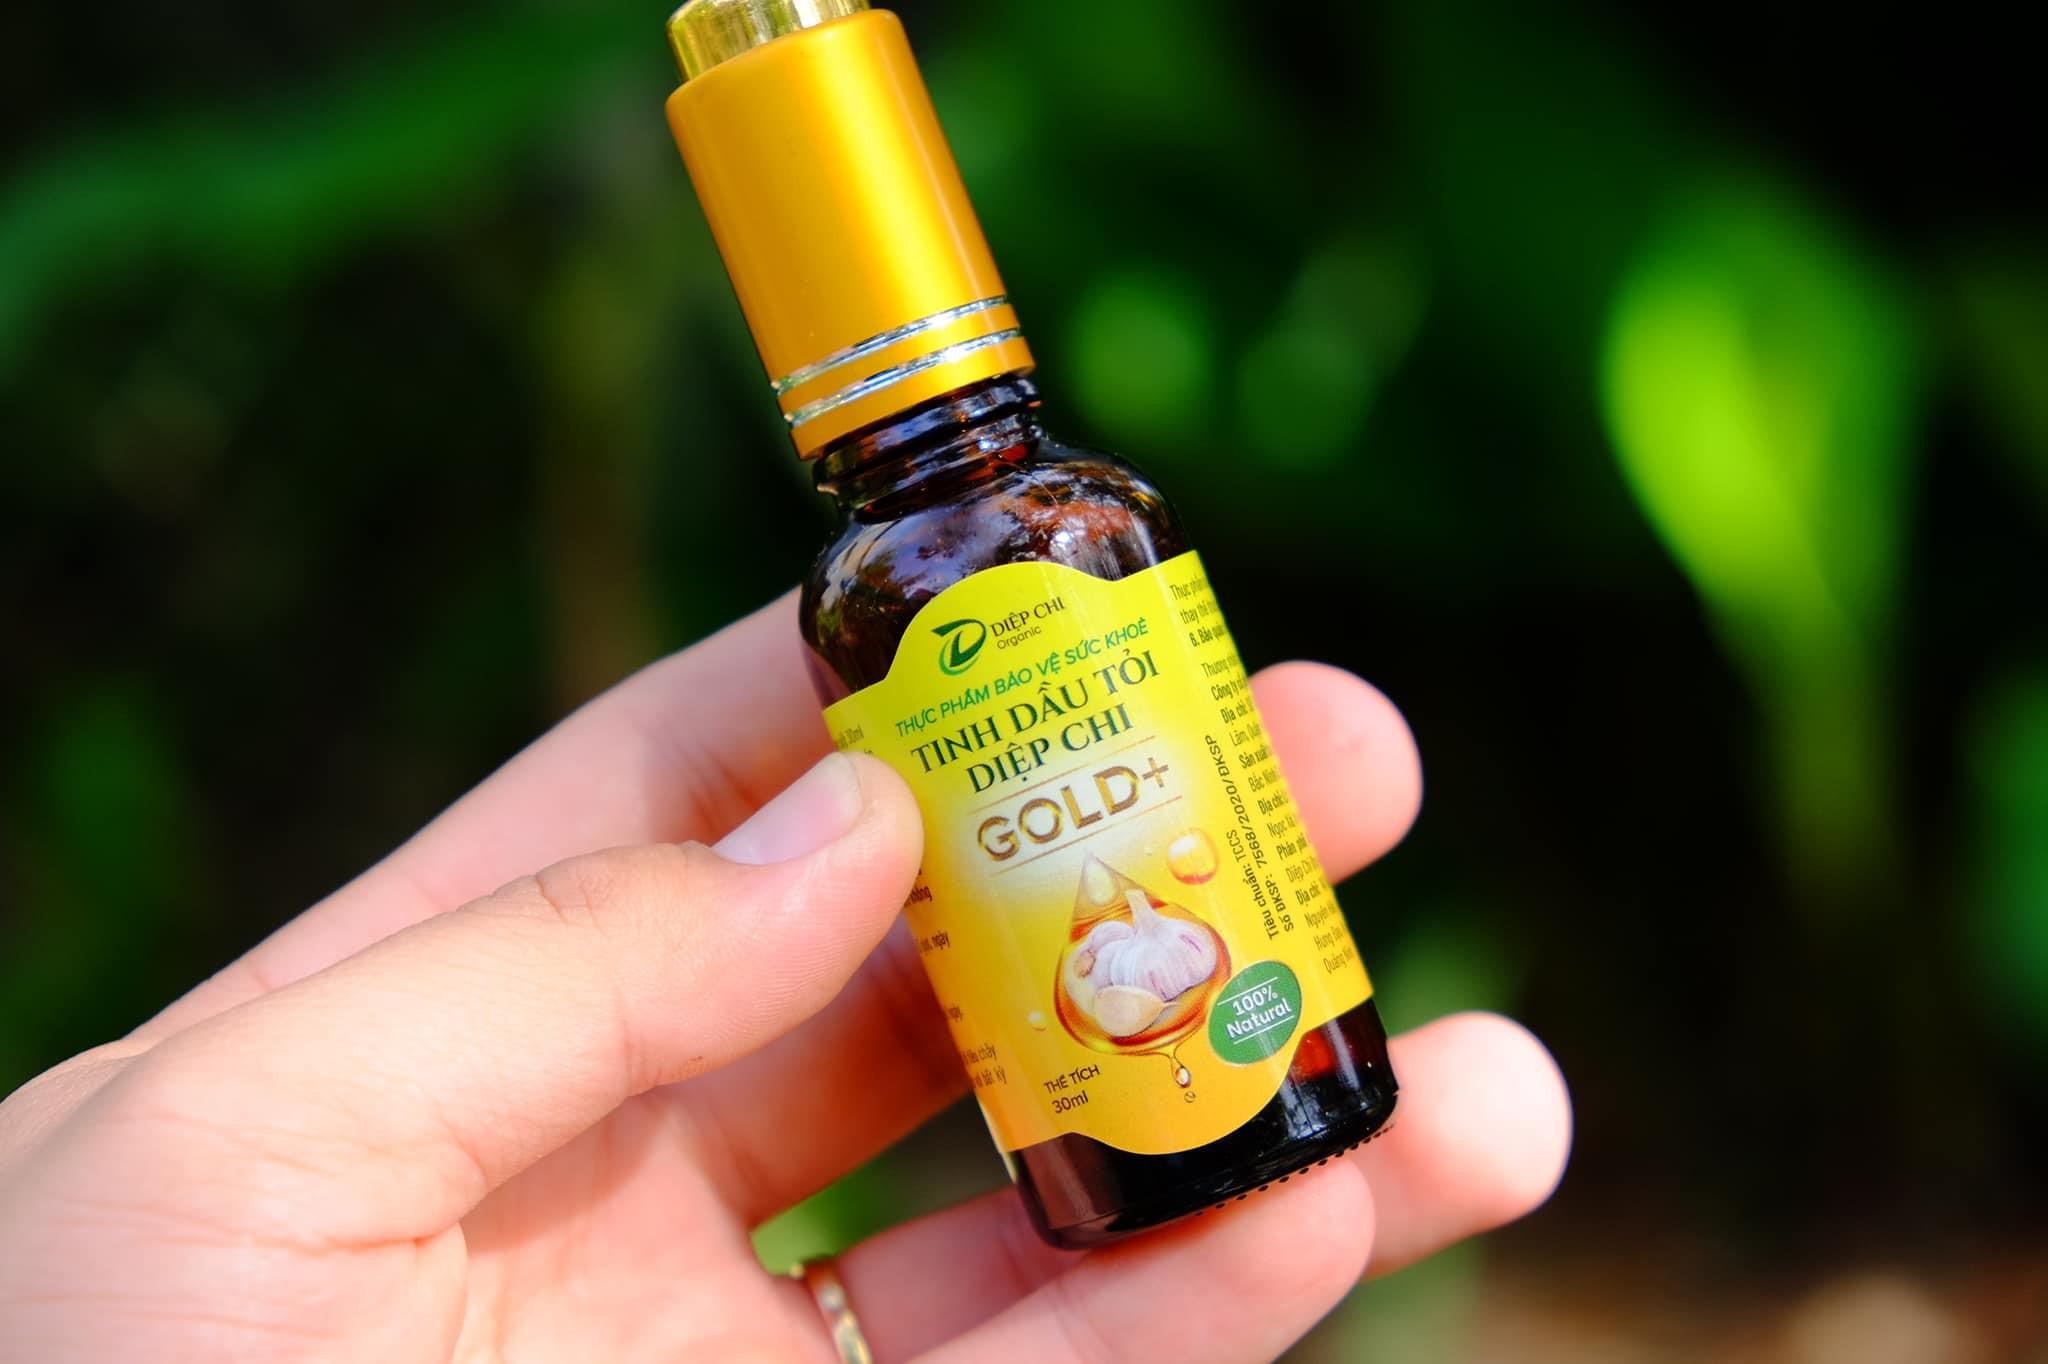 Tỏi và chiết xuất từ dầu tỏi hỗ trợ trẻ tăng đề kháng, góp phần phòng ốm vặt. Ảnh: Diệp Chi Organic.